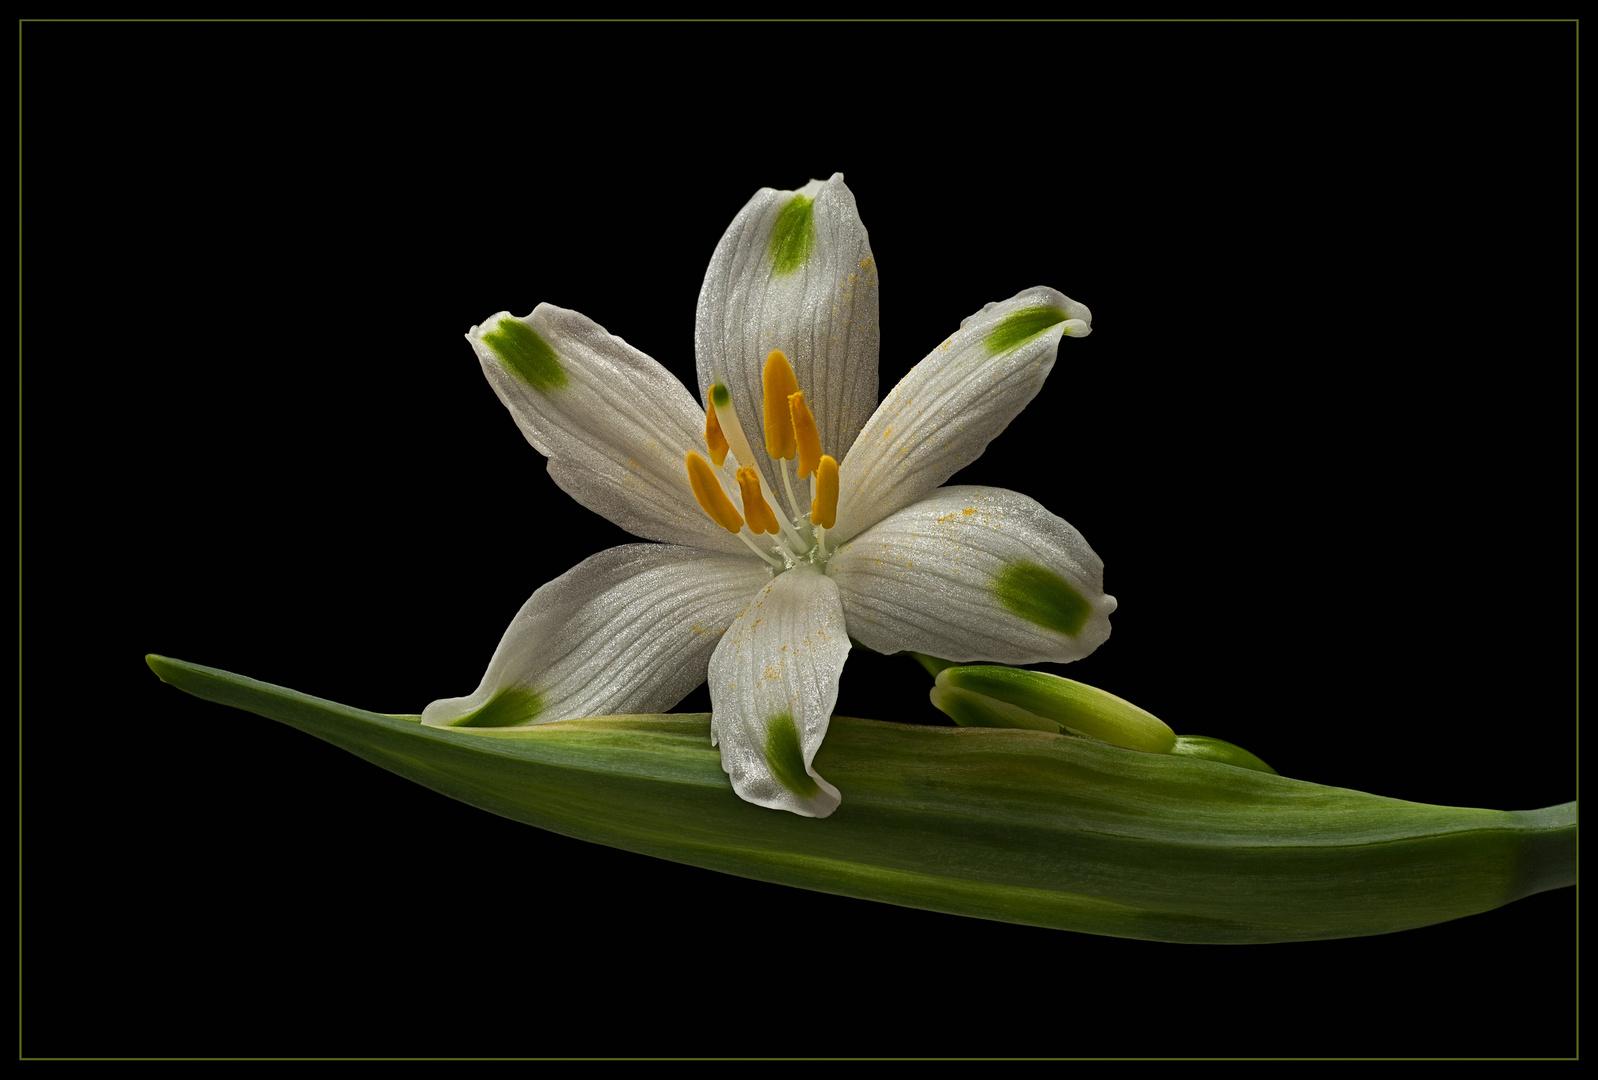 Ich bin eine Leucojum aestivum 'Gravetye Giant' - Sommer-Knotenblume